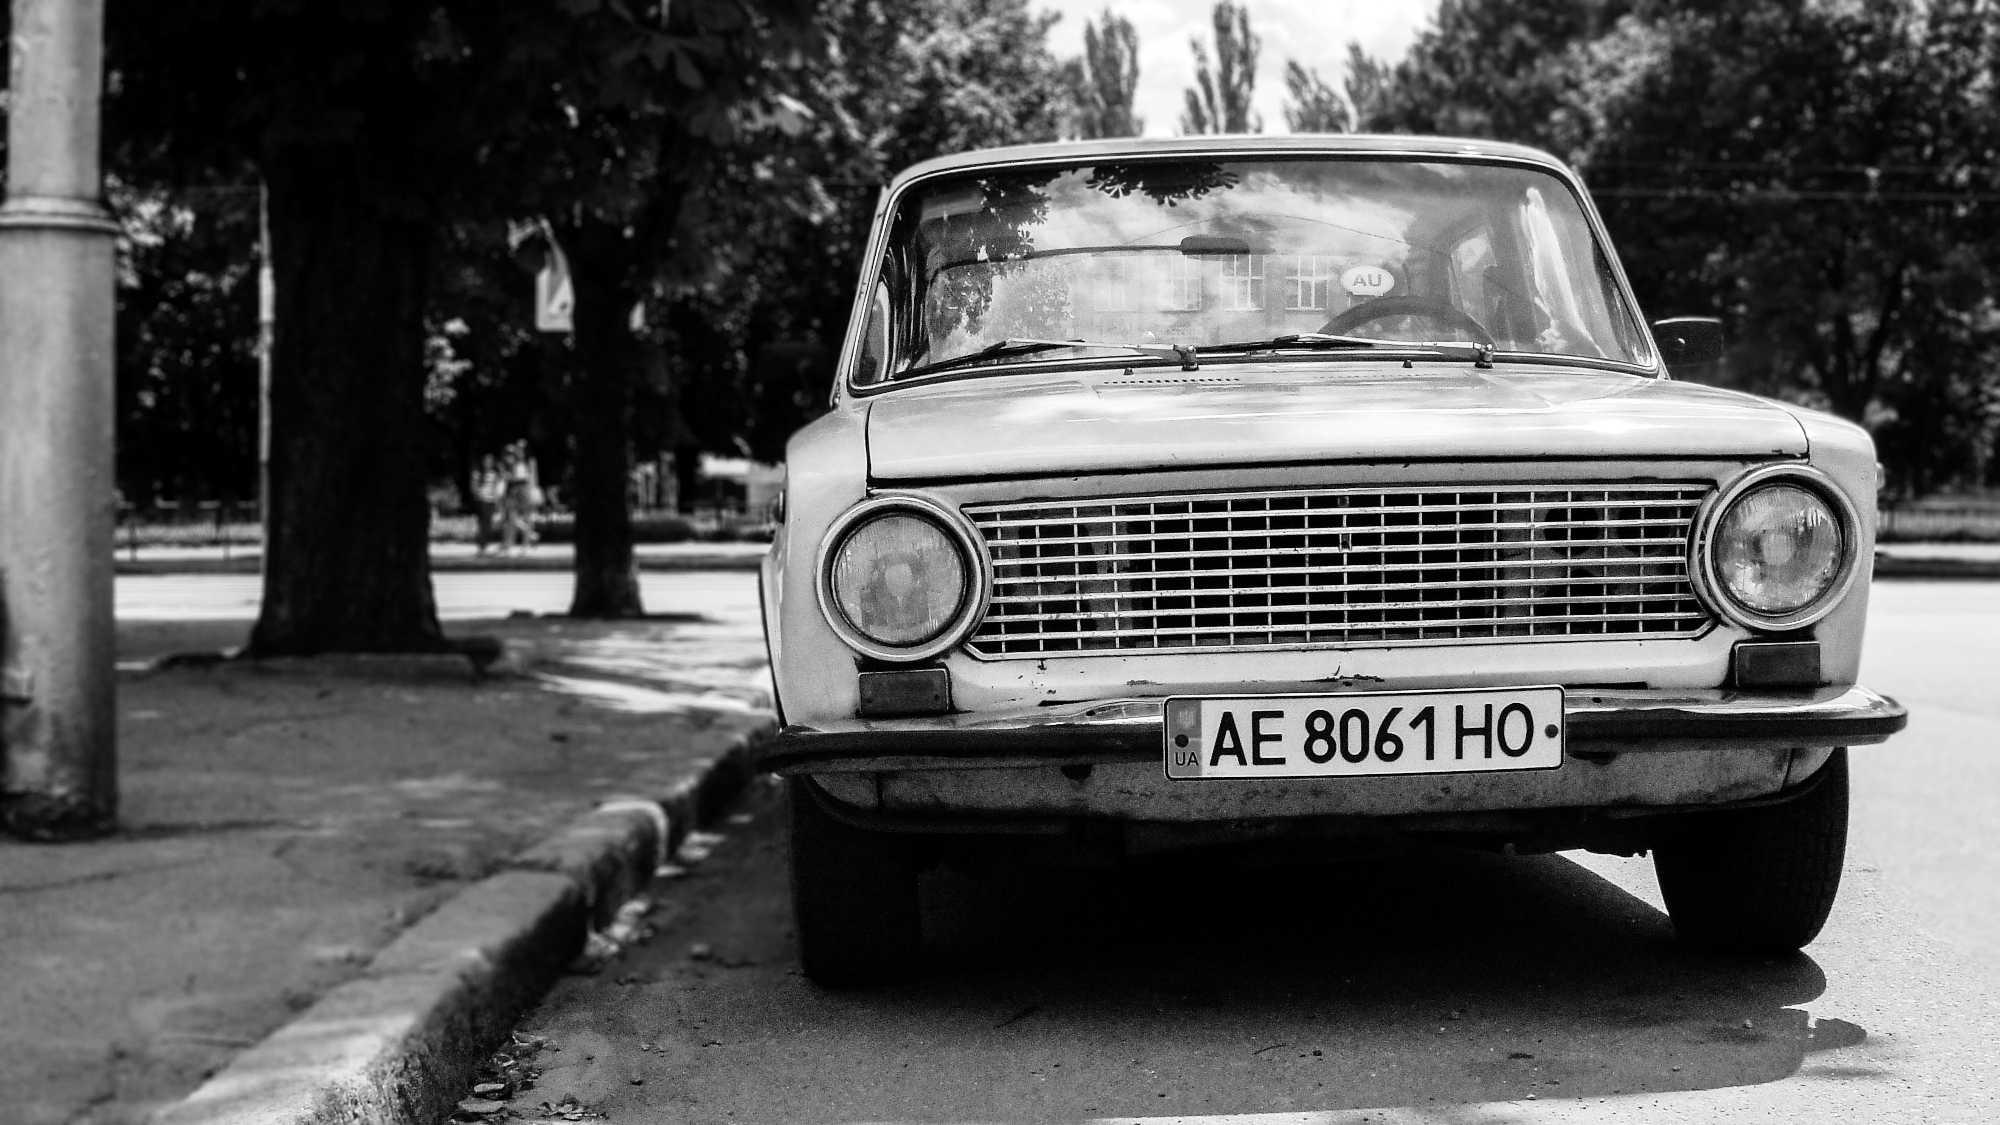 Auto di fabbricazione sovietica su licenza FIAT con targa ucraina | © John Mark Kuznietsov